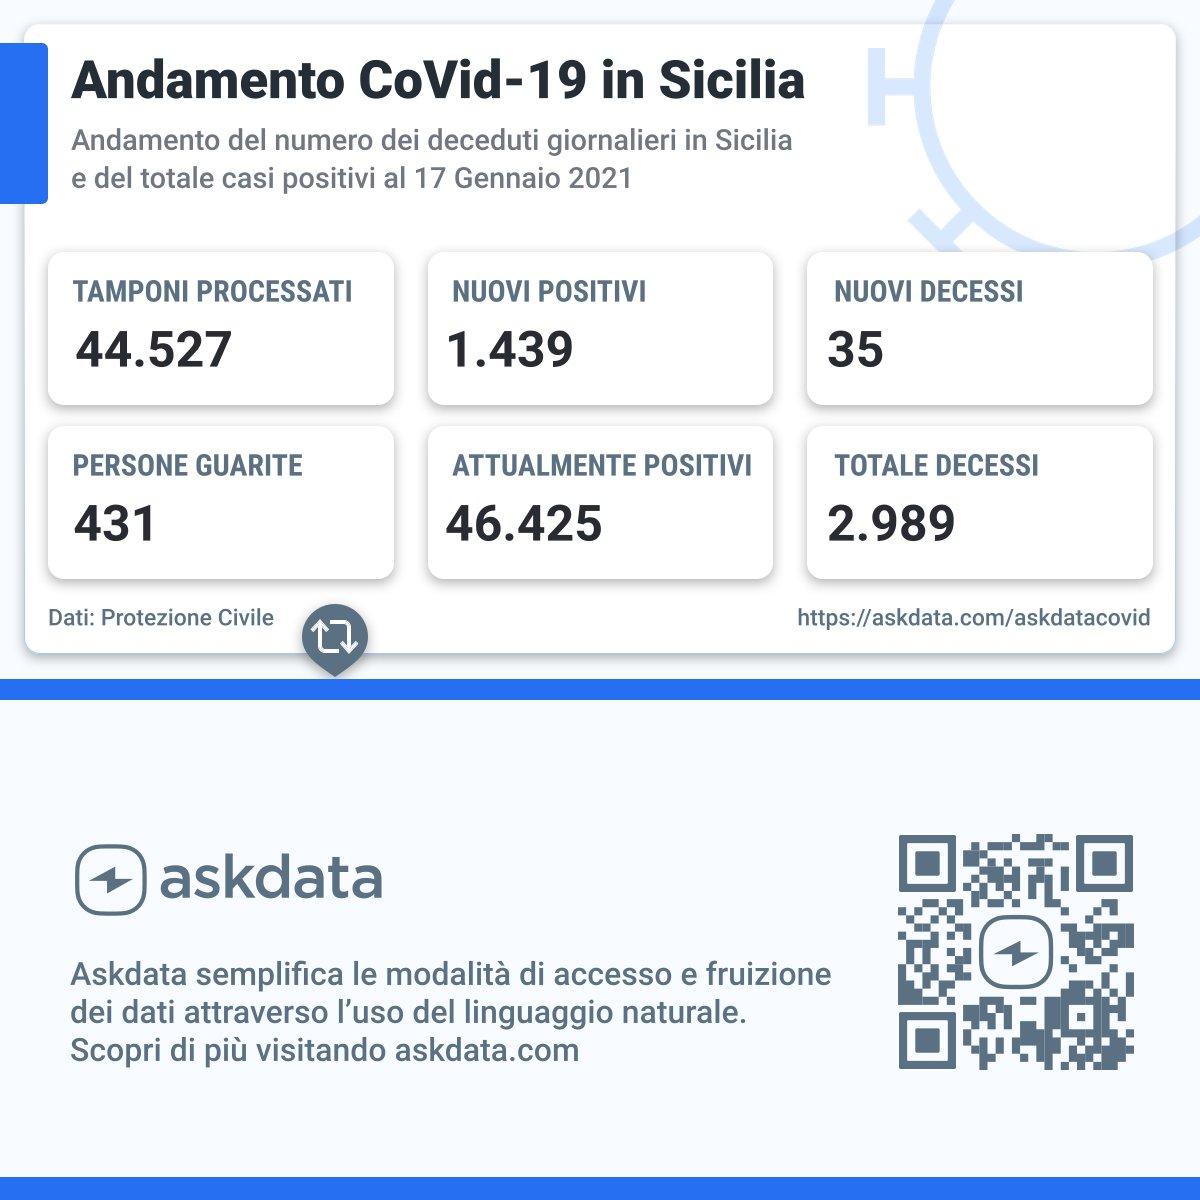 #Covid 17 Gennaio 2021 in Sicilia i defunti sono 35 mentre i nuovi positivi sono 1.439. Il totale dei tamponi processati è 44.527 di cui è risultato positivo il 3.2%. Maggiori info su:  #Askdata #Sicilia